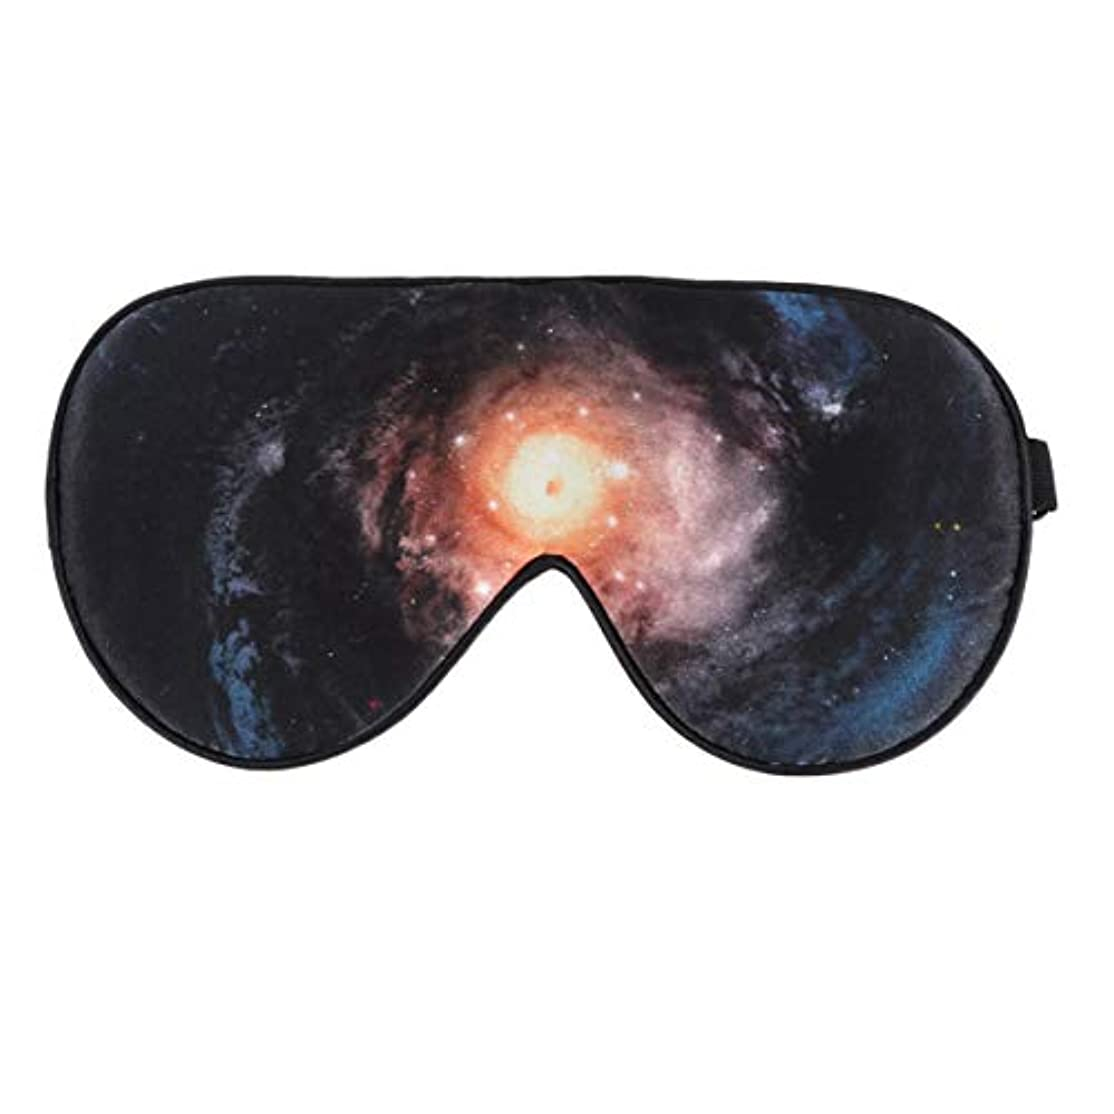 根絶する不測の事態切断するSUPVOX 睡眠マスクシルクアイマスクソフト弾性ストラップ星空パターン睡眠睡眠昼寝旅行用ポータブル